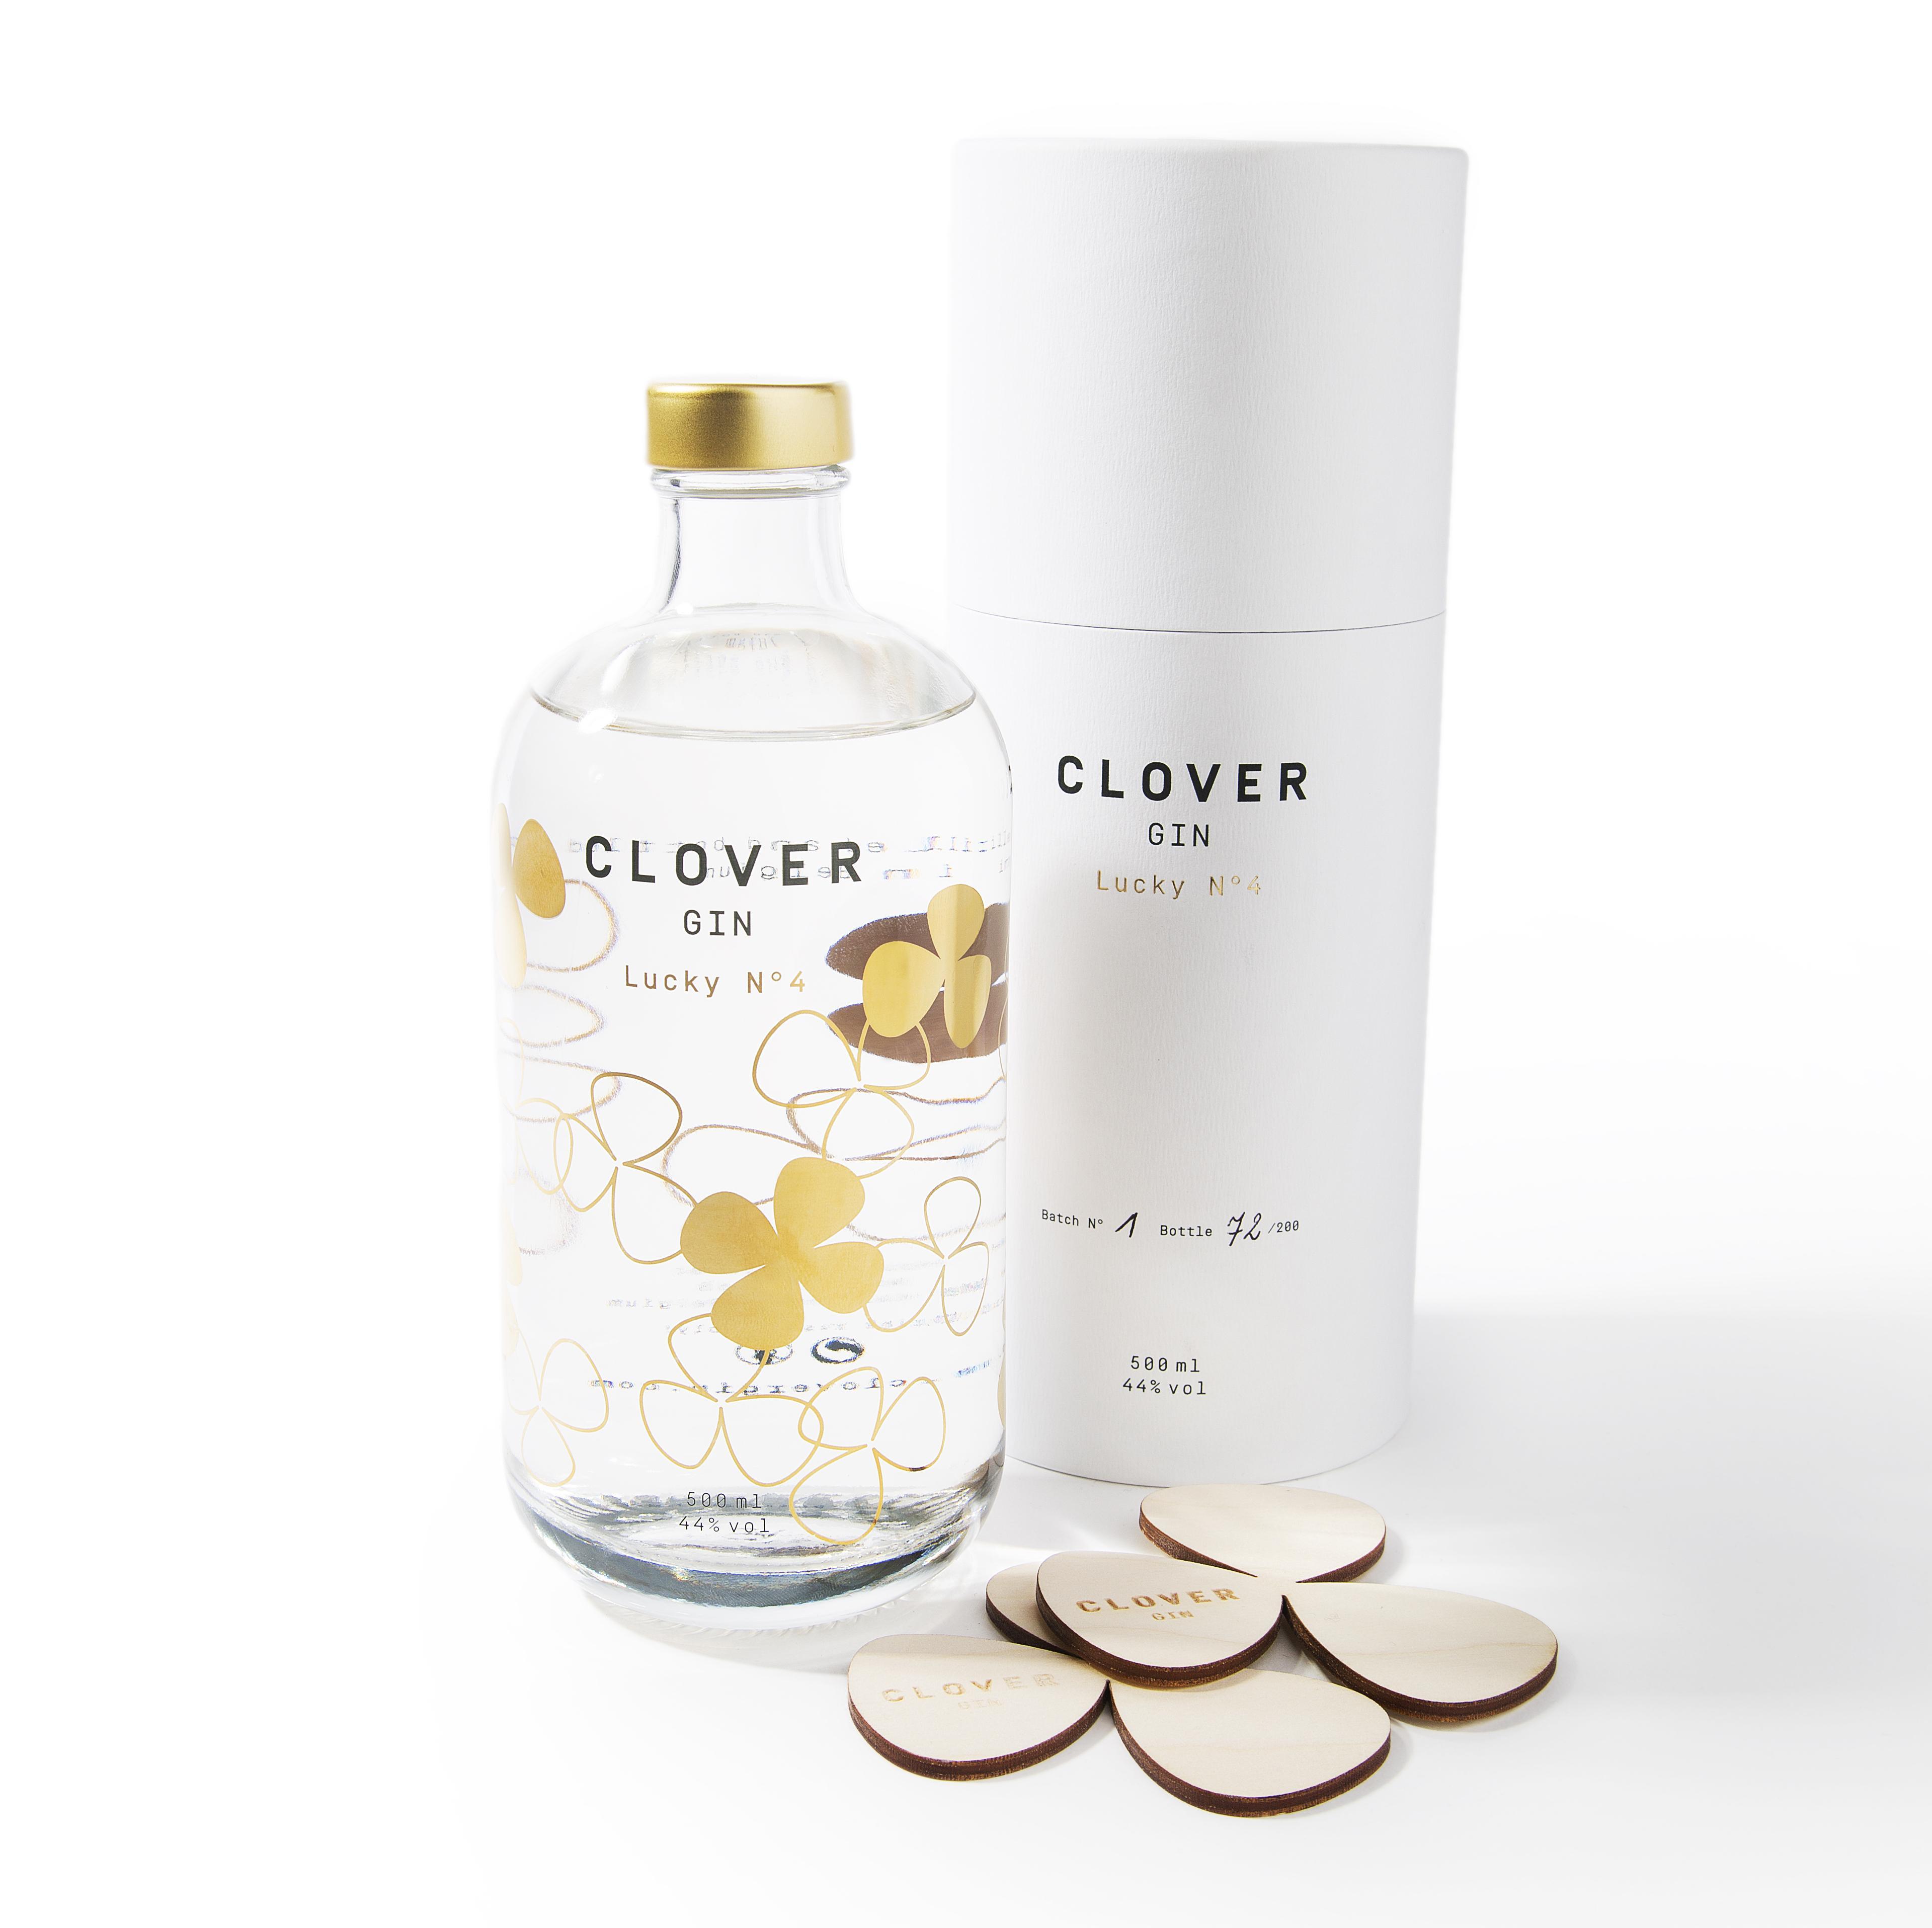 Abonnez-vous à GAEL et recevez un set exclusif Clover Gin (val. 49€)!